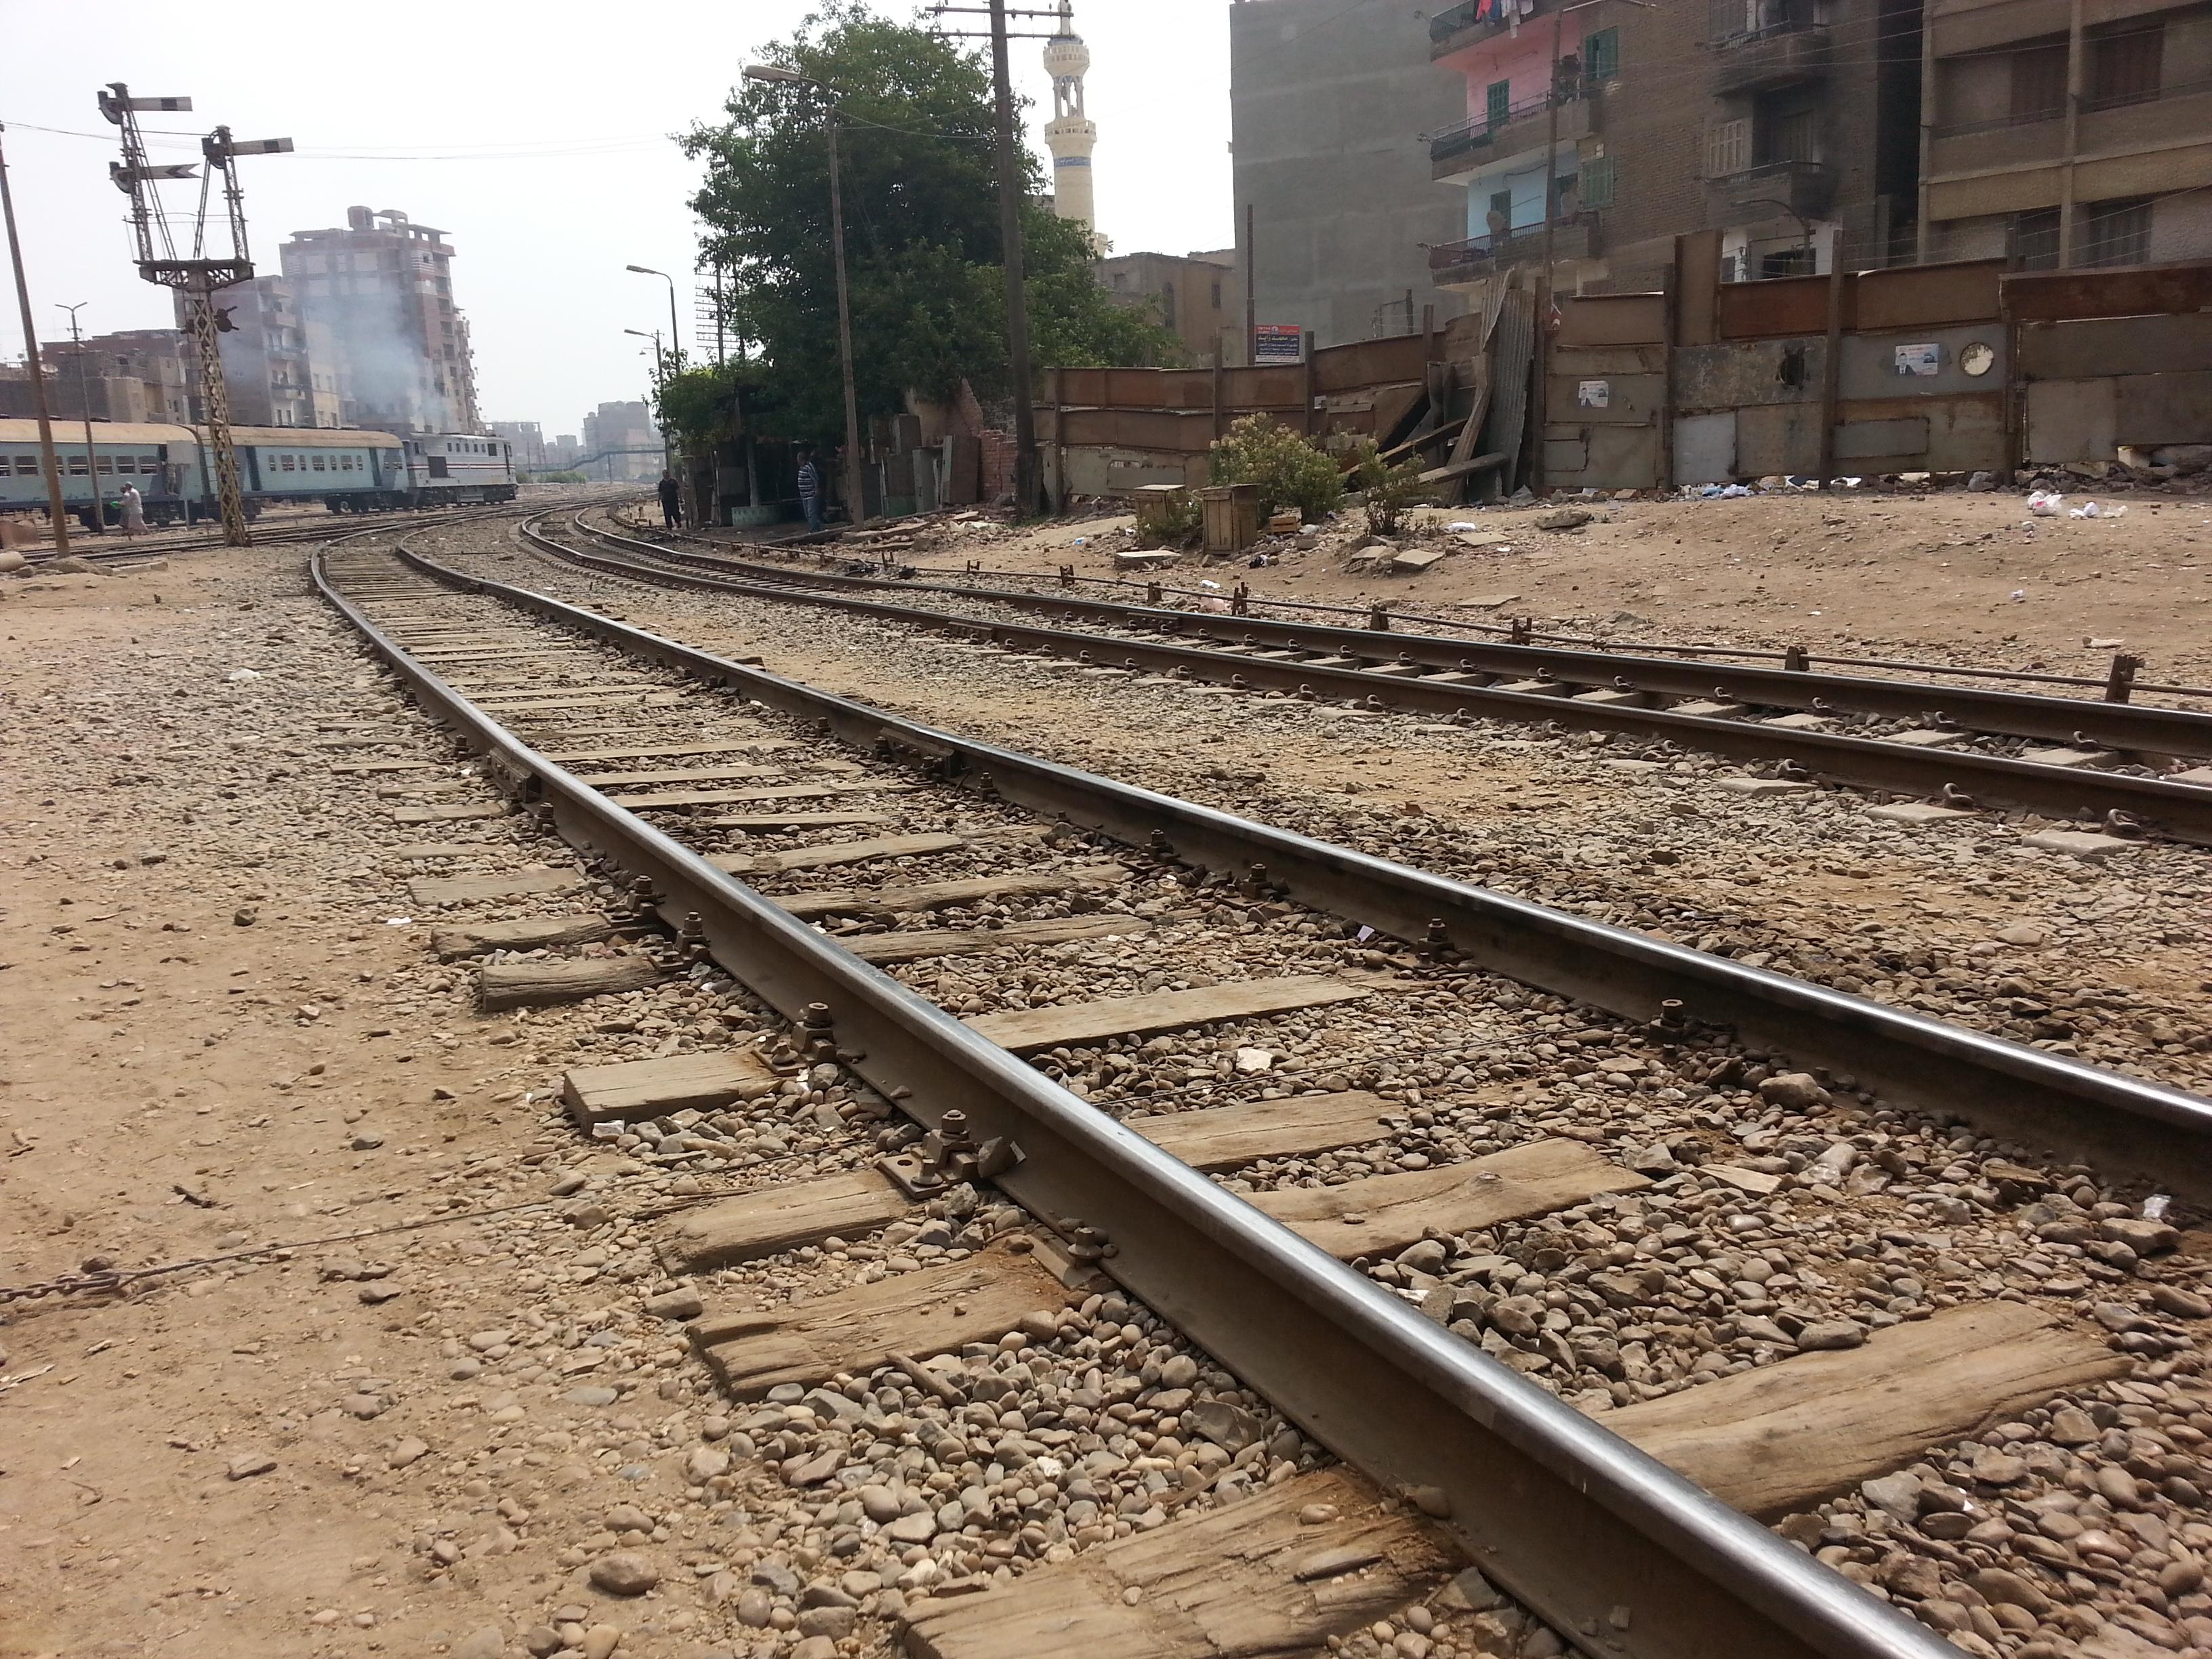 صورة مواعيد قطارات القاهرة دمياط 2018